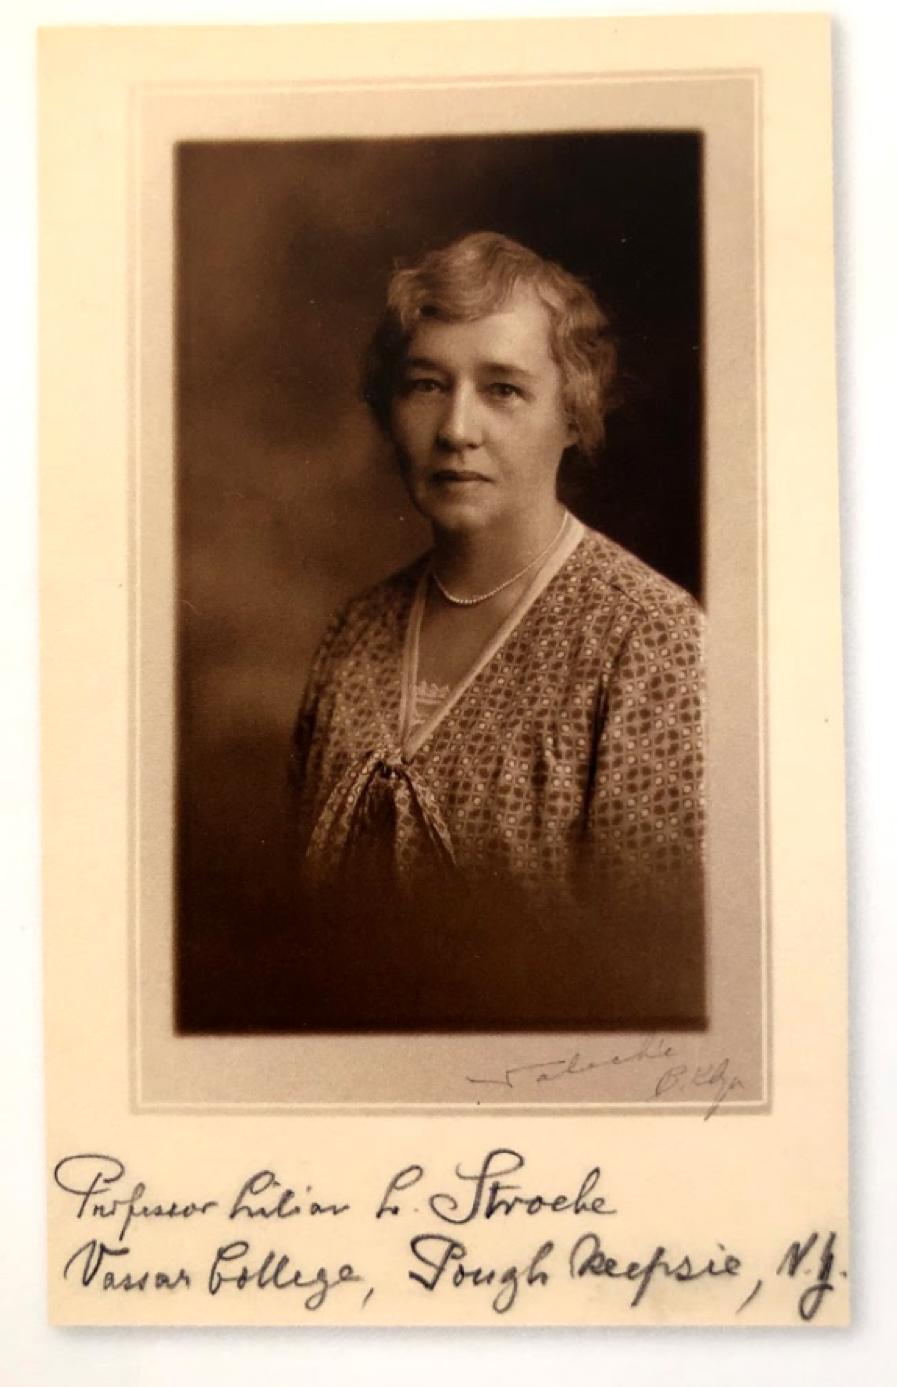 Professor Lilian L. Strobe